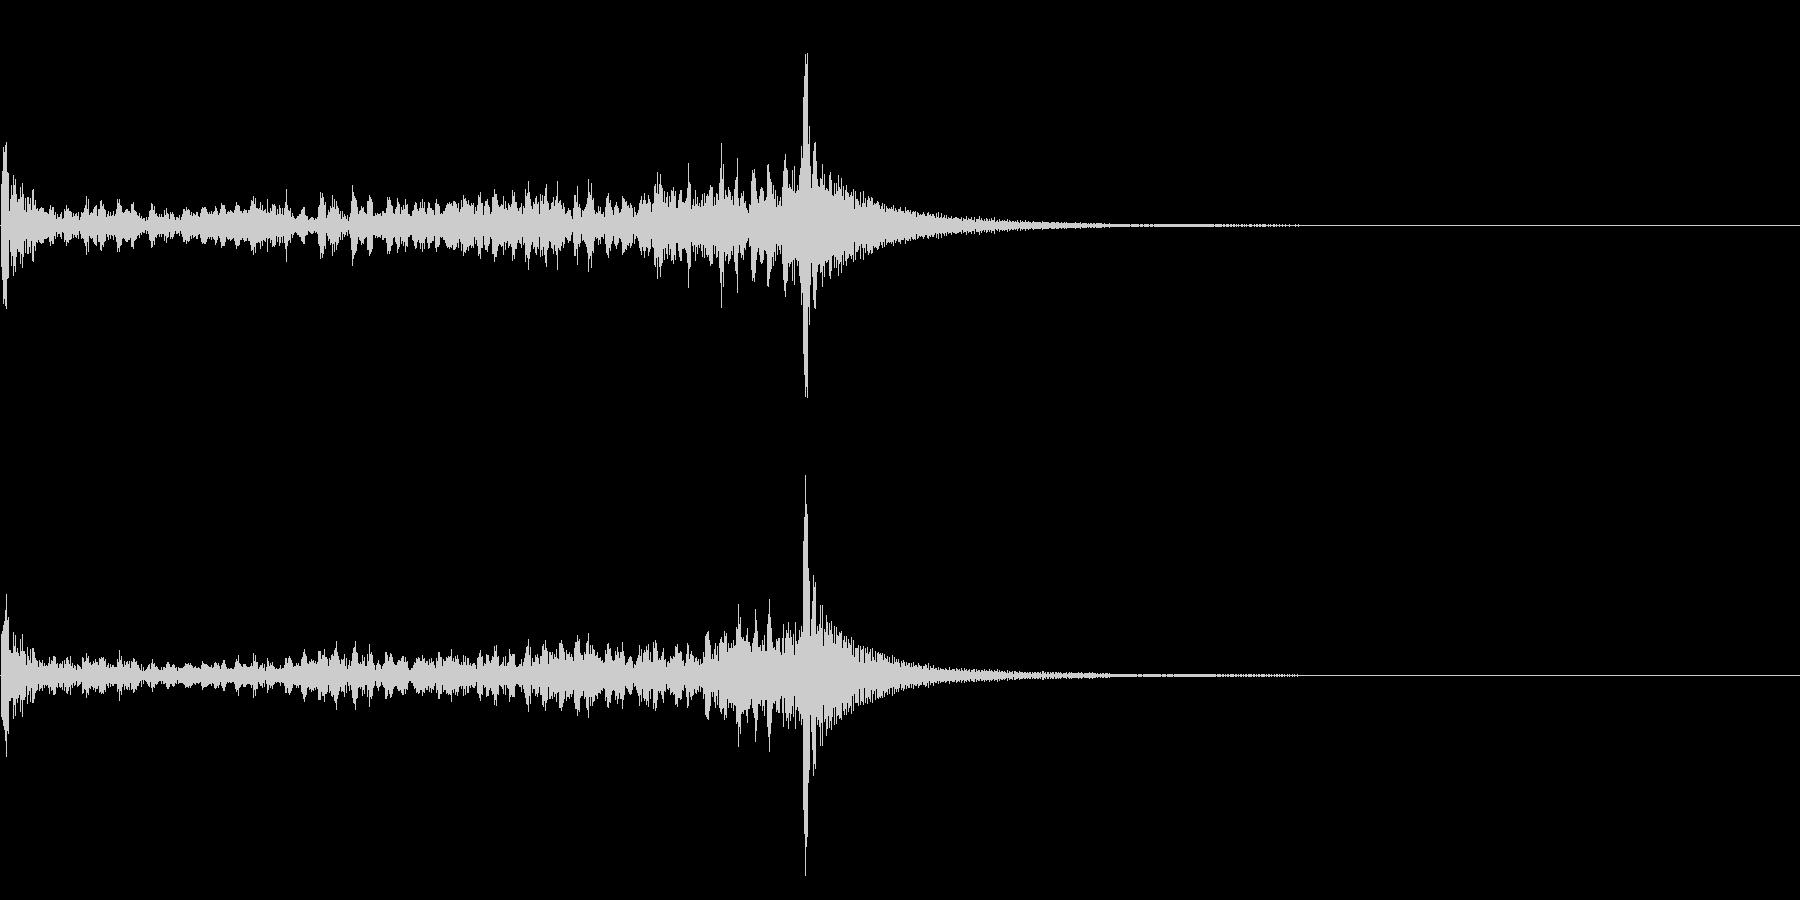 ティンパニーロール☆ミドル3の未再生の波形